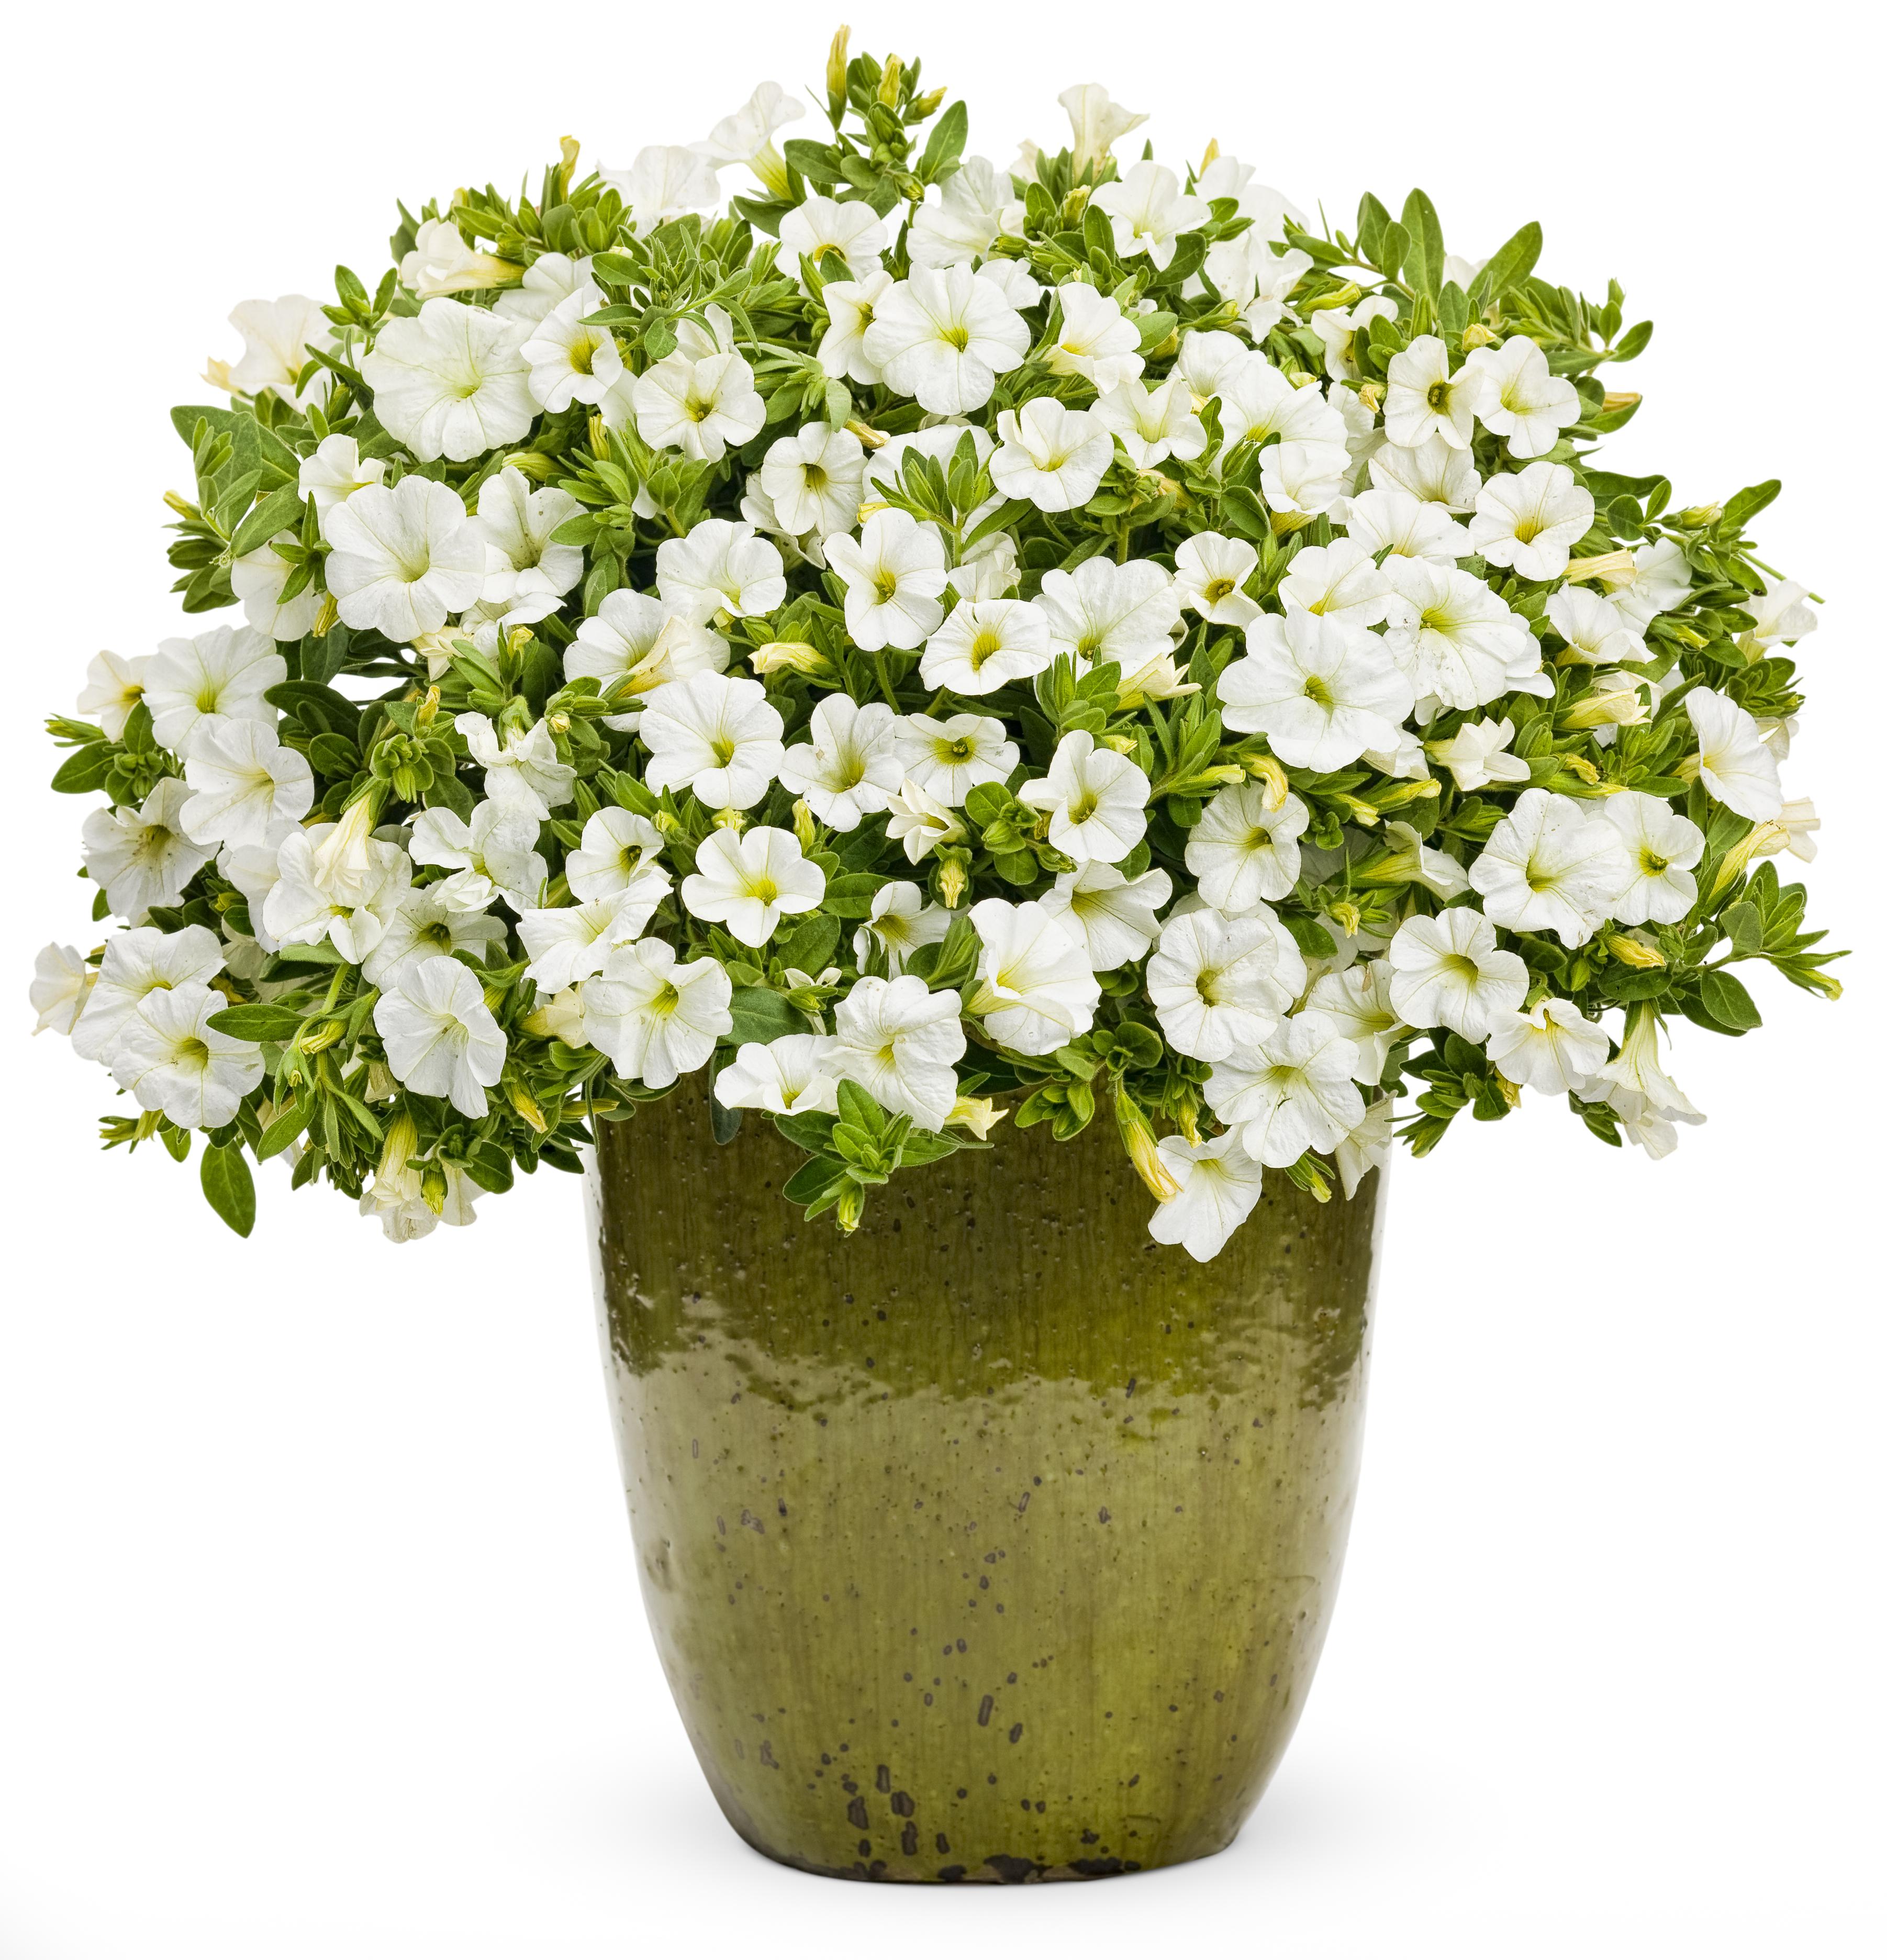 Flower Pots With Flowers Png Flower Pot Pla   Flower Pot Png - Pot, Transparent background PNG HD thumbnail